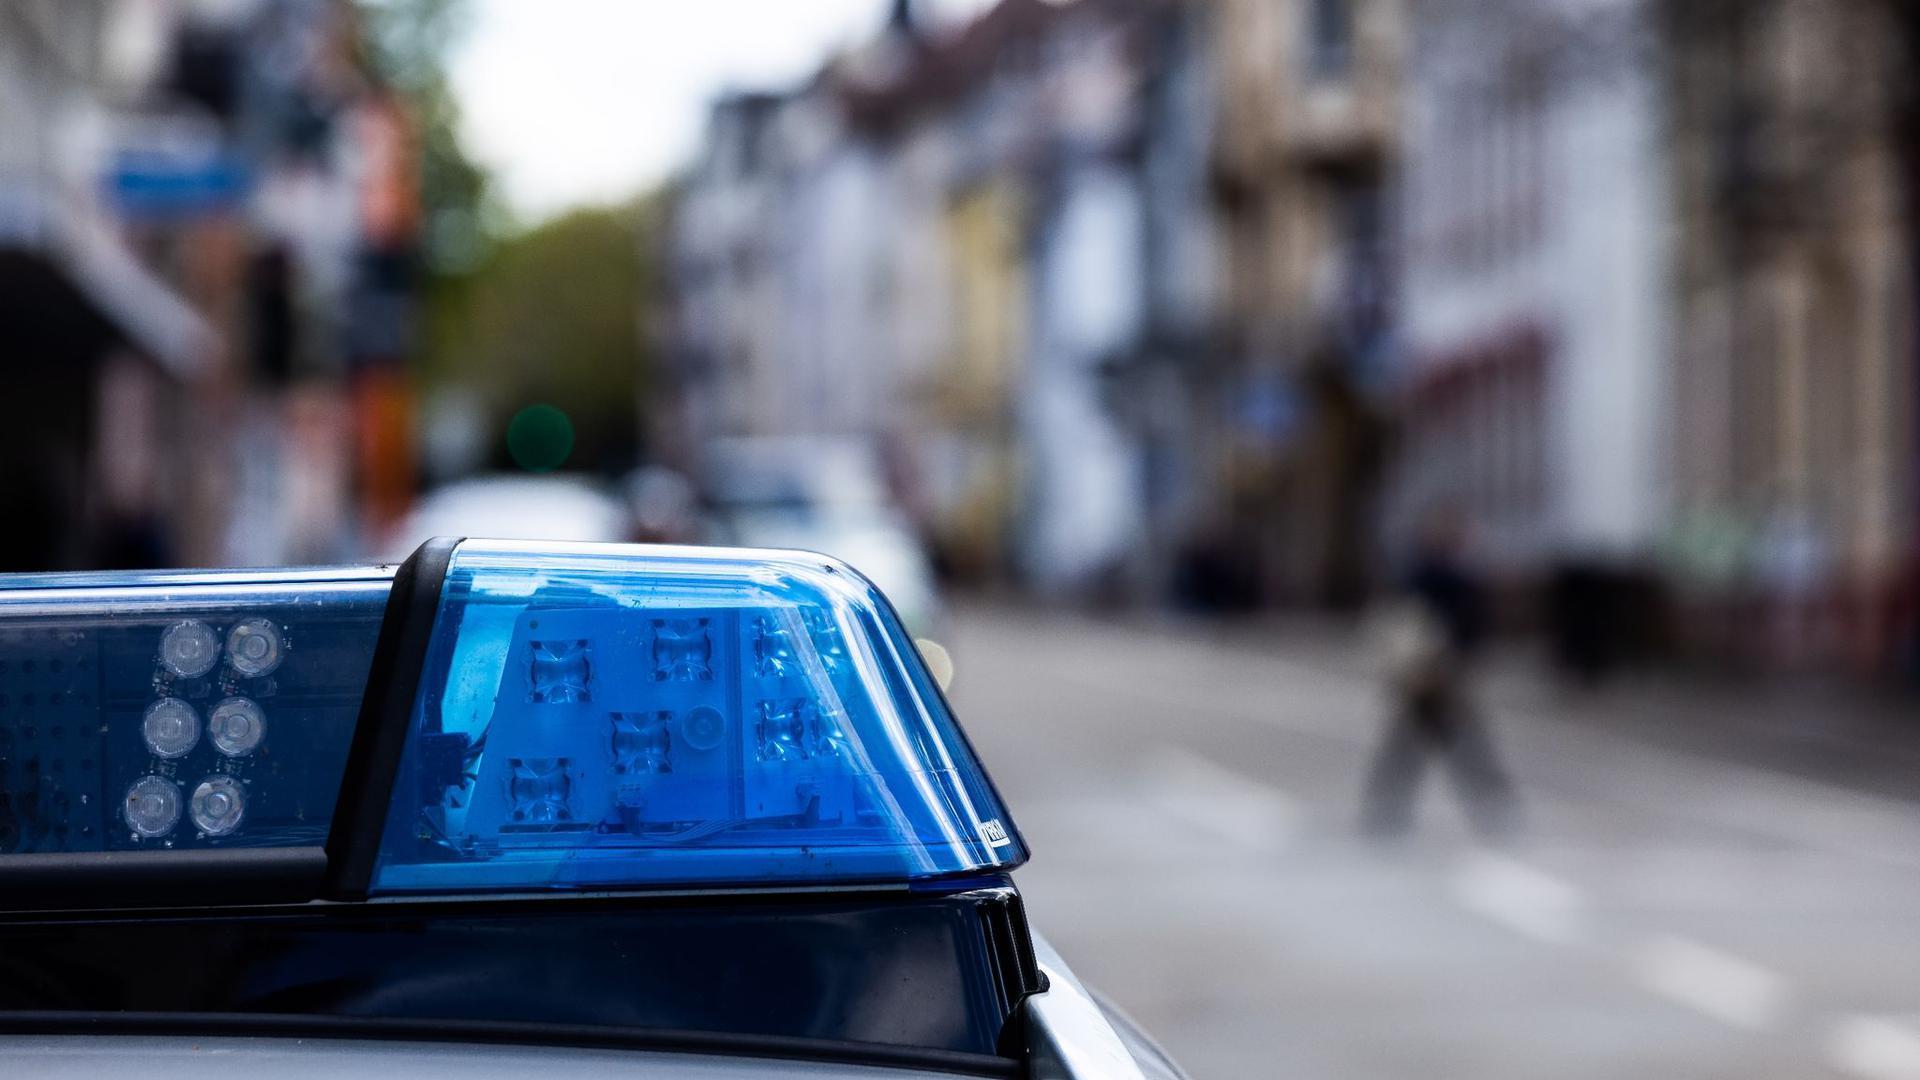 Ein Einsatzfahrzeug der Polizei steht am Straßenrand.